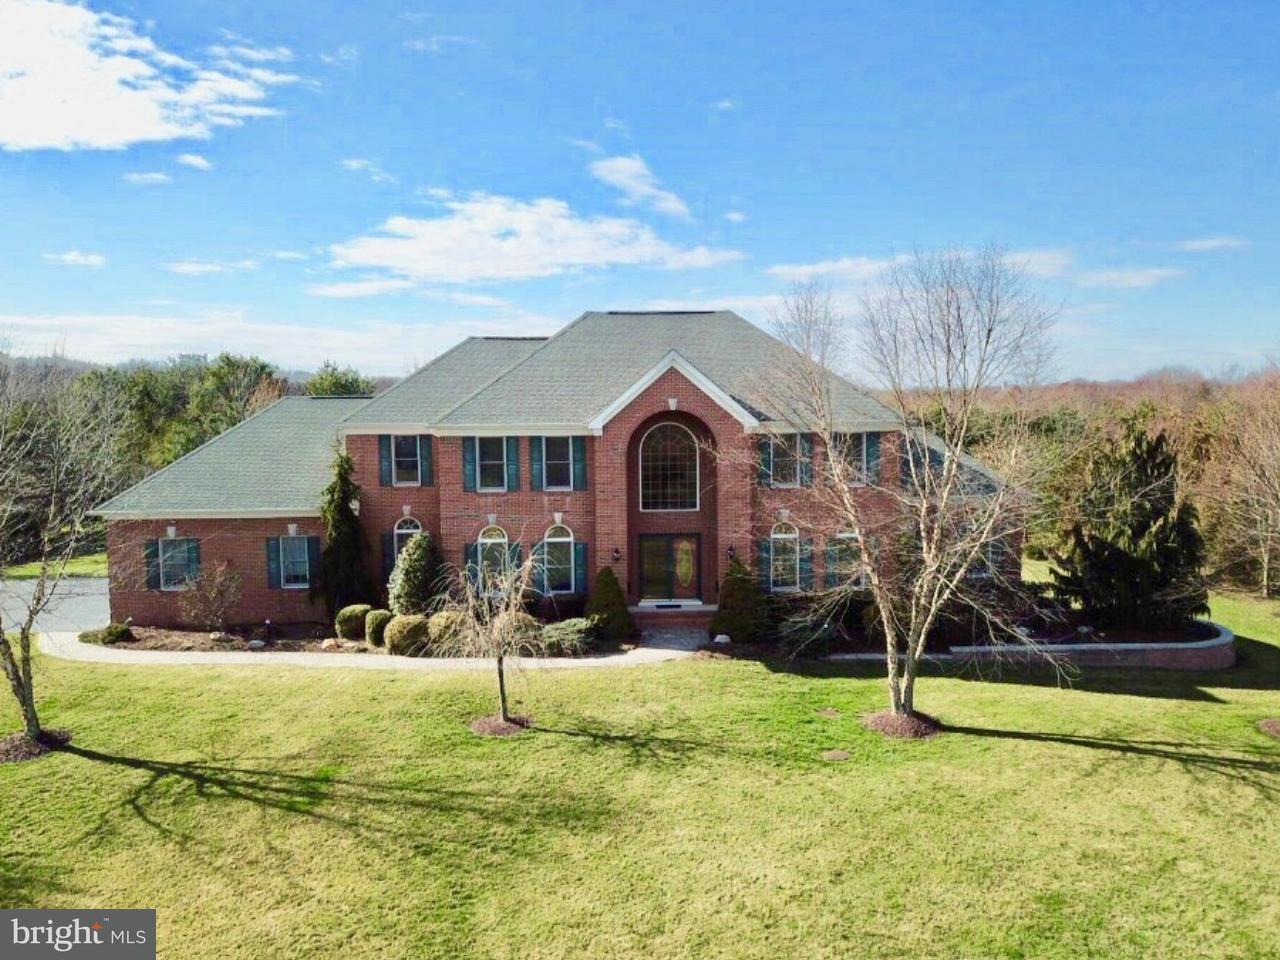 Частный односемейный дом для того Продажа на 4 LANDVIEW Court Trenton, Нью-Джерси 08691 Соединенные ШтатыВ/Около: Robbinsville Township